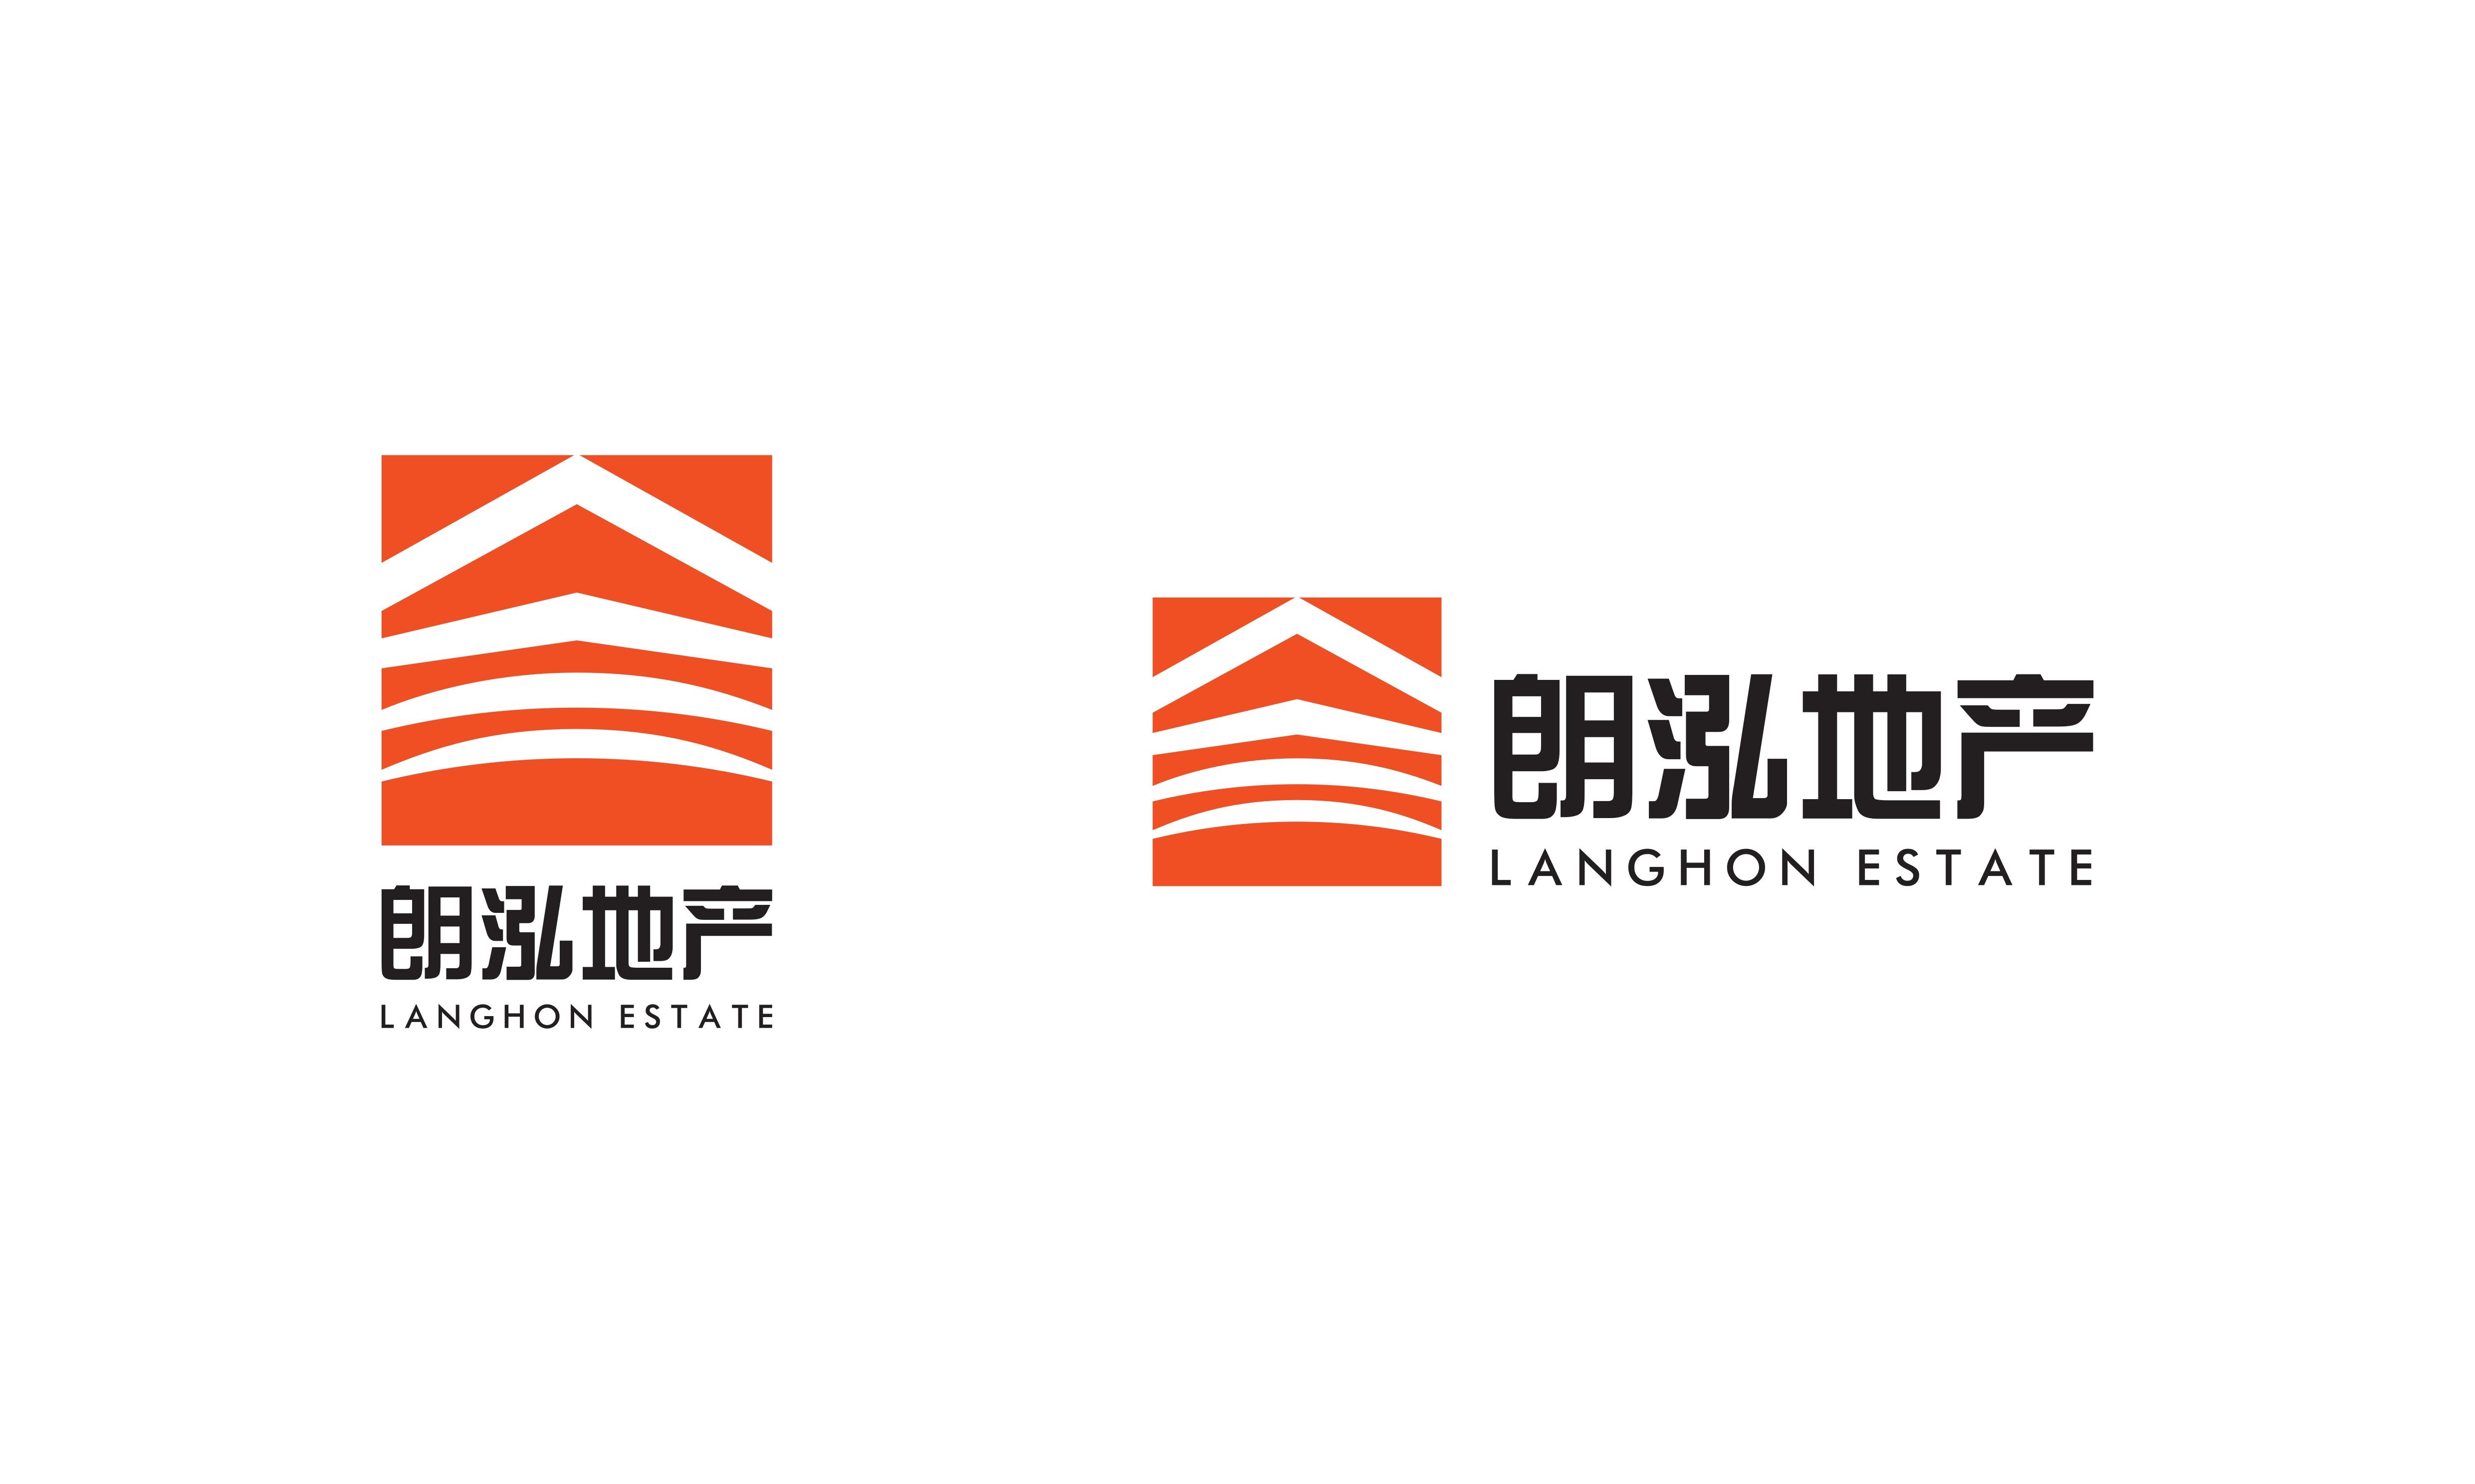 深圳朗泓房地产有限公司